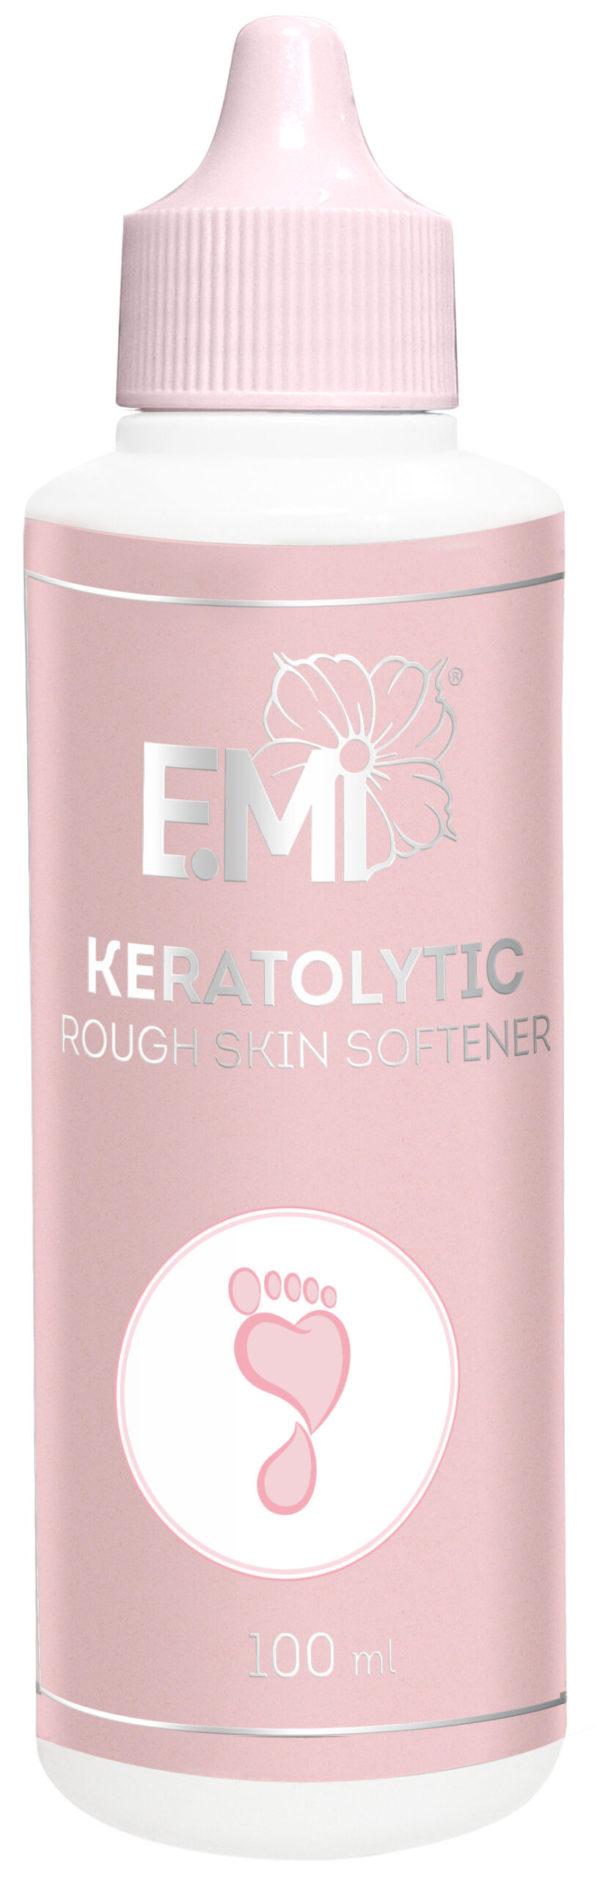 Keratolytic- Rough Skin Softener, 100 ml